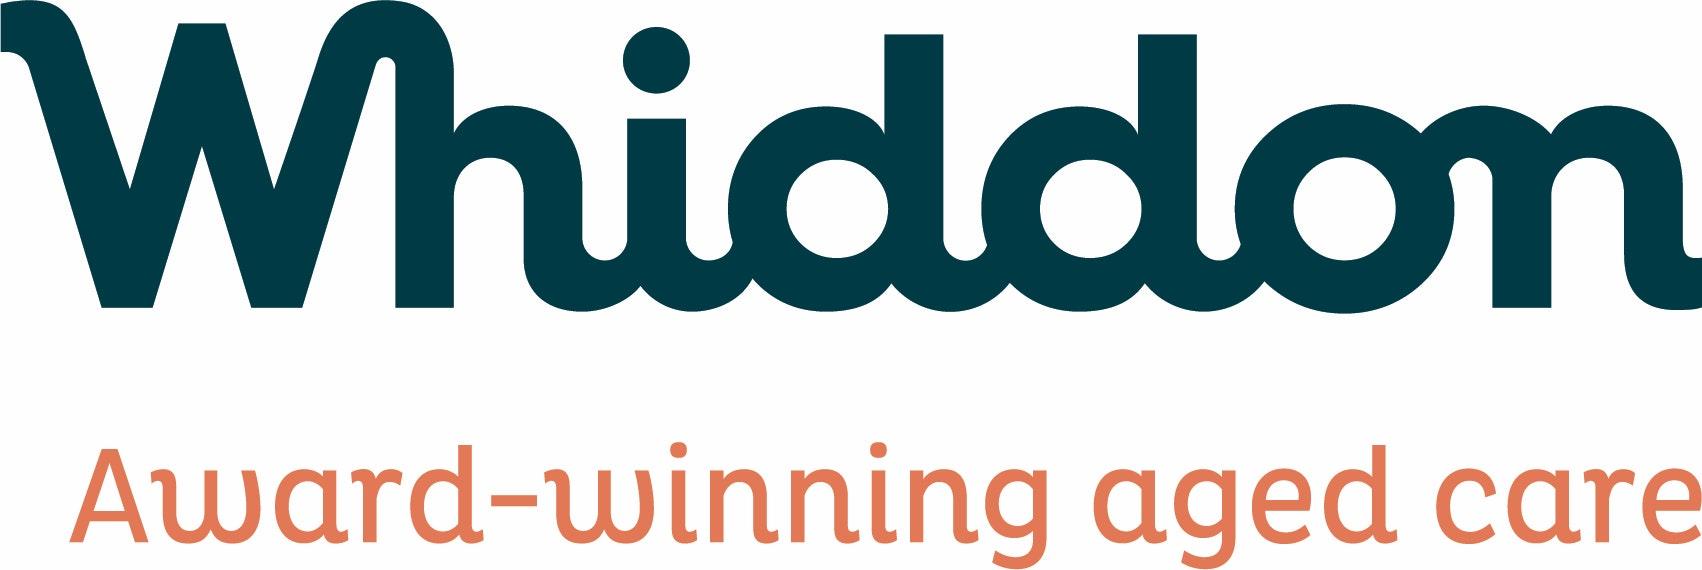 Whiddon MyLife Community Care logo